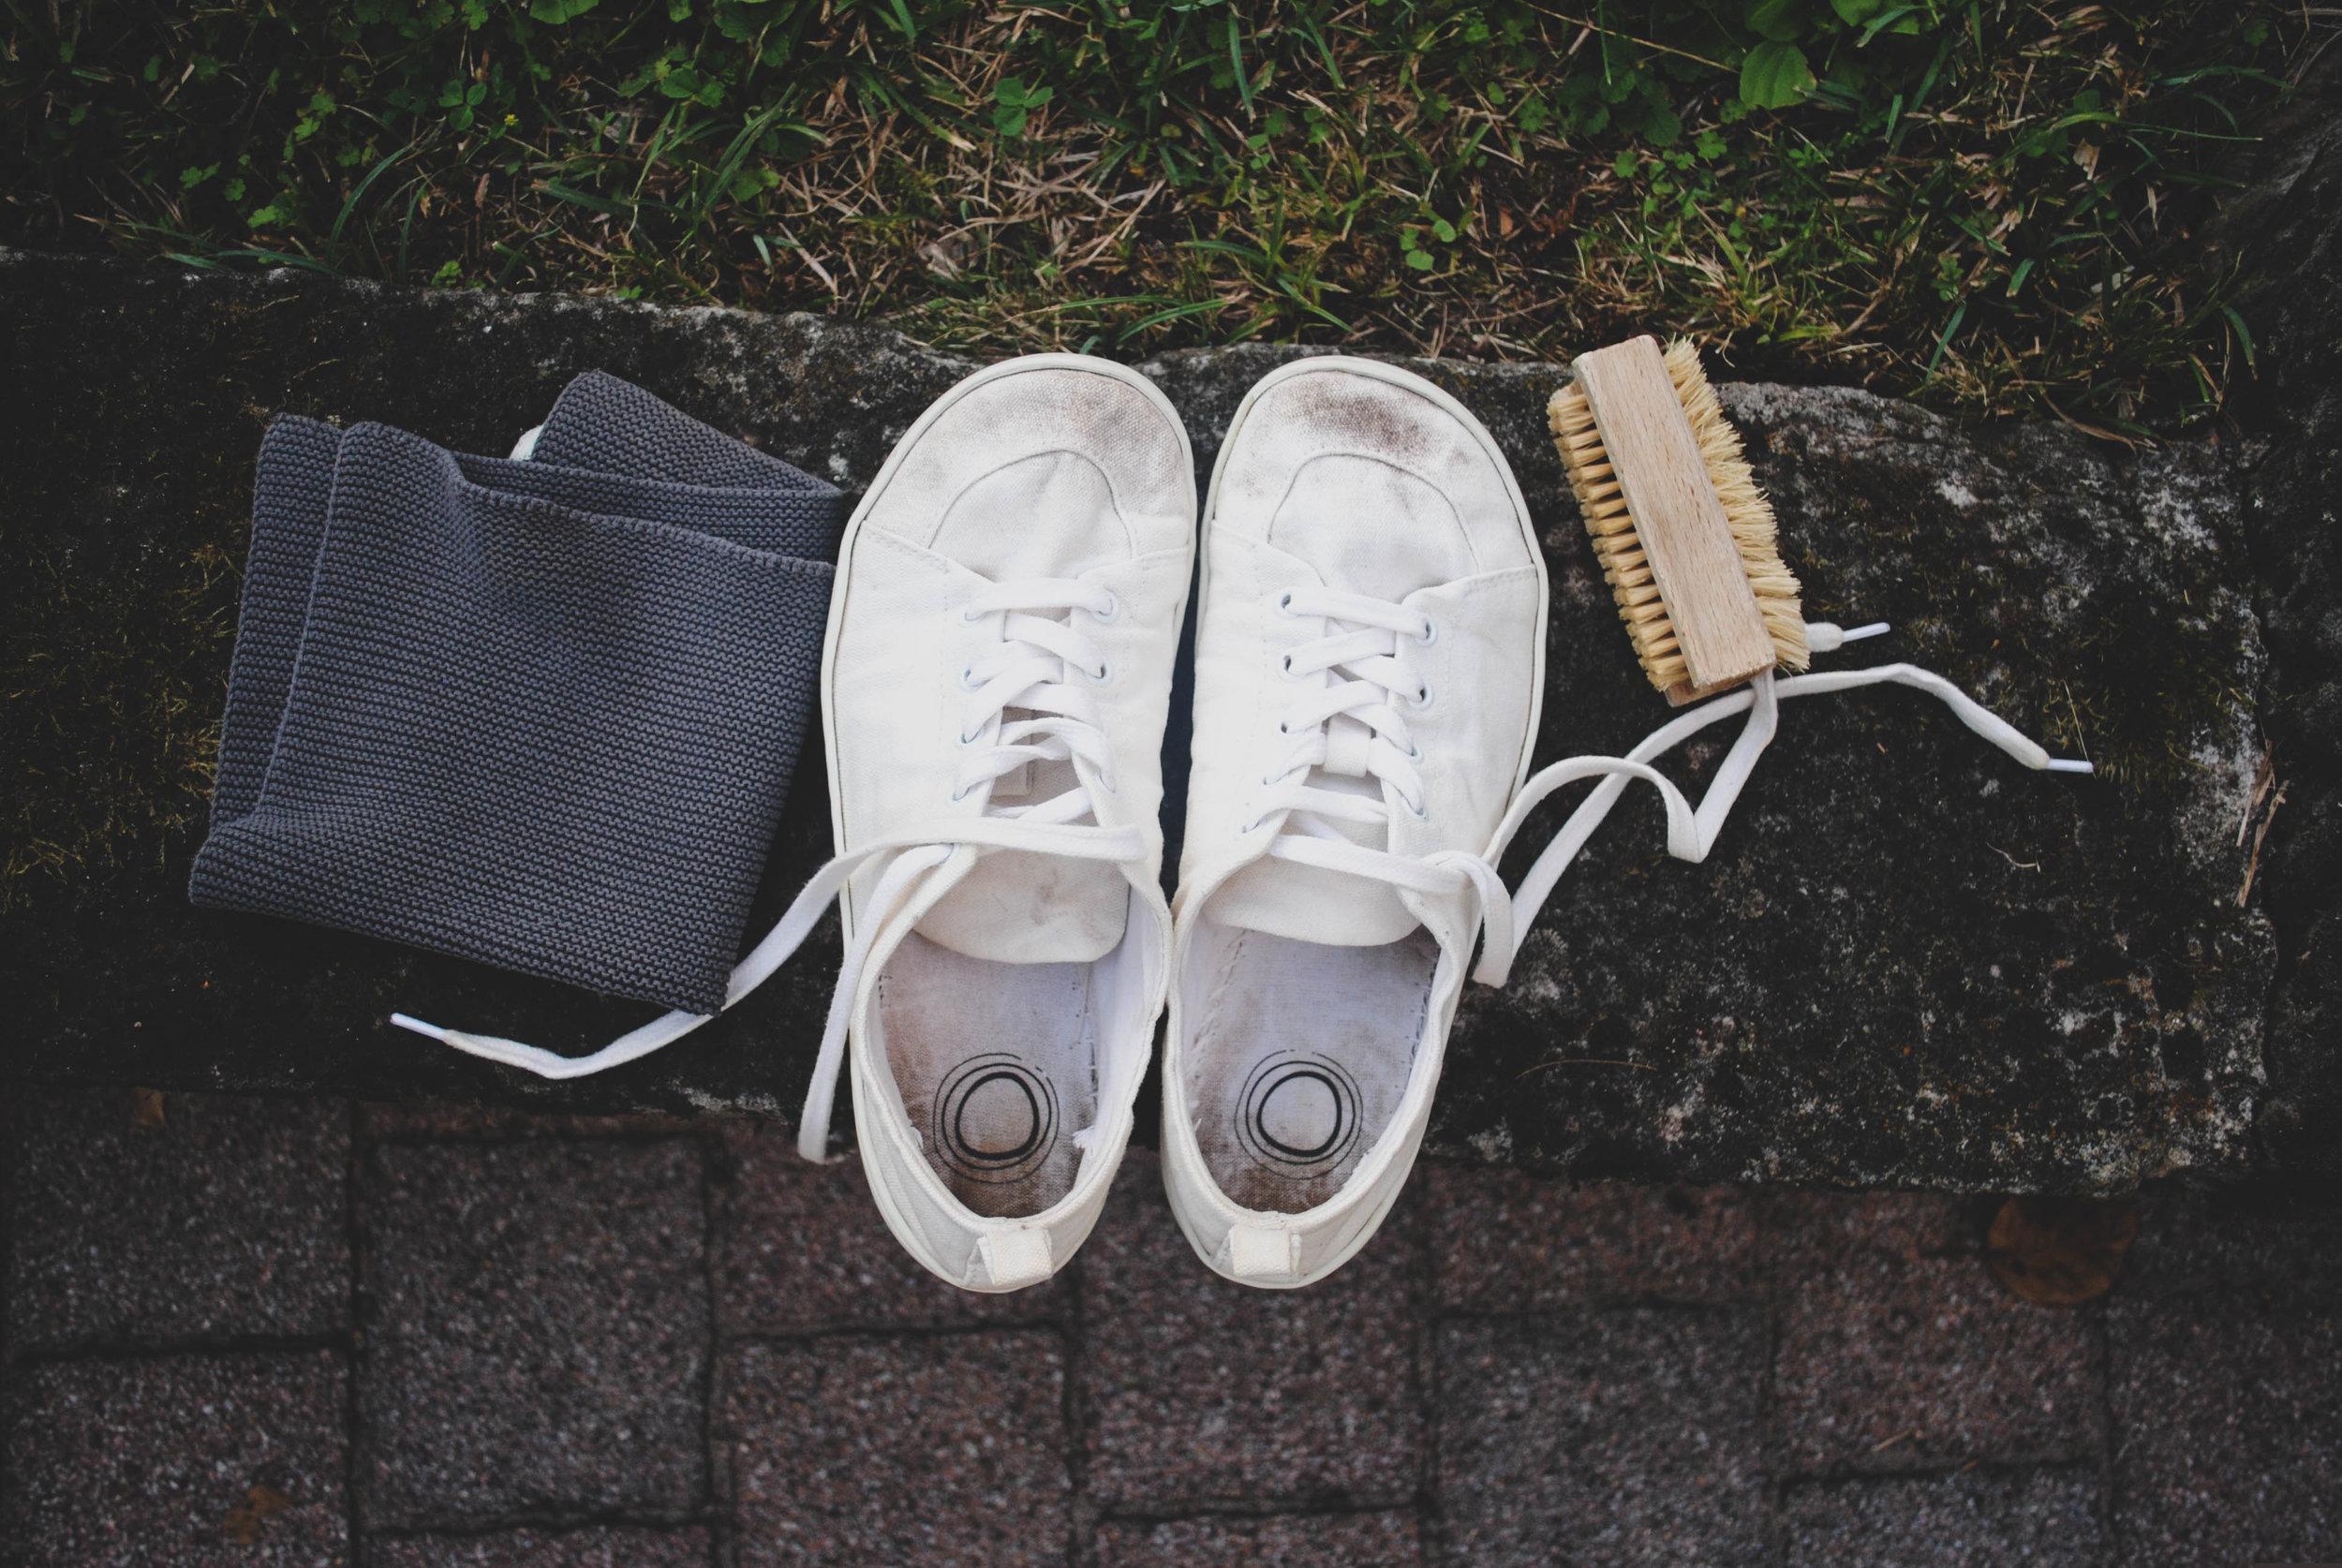 cleanwhitesneakers.jpg